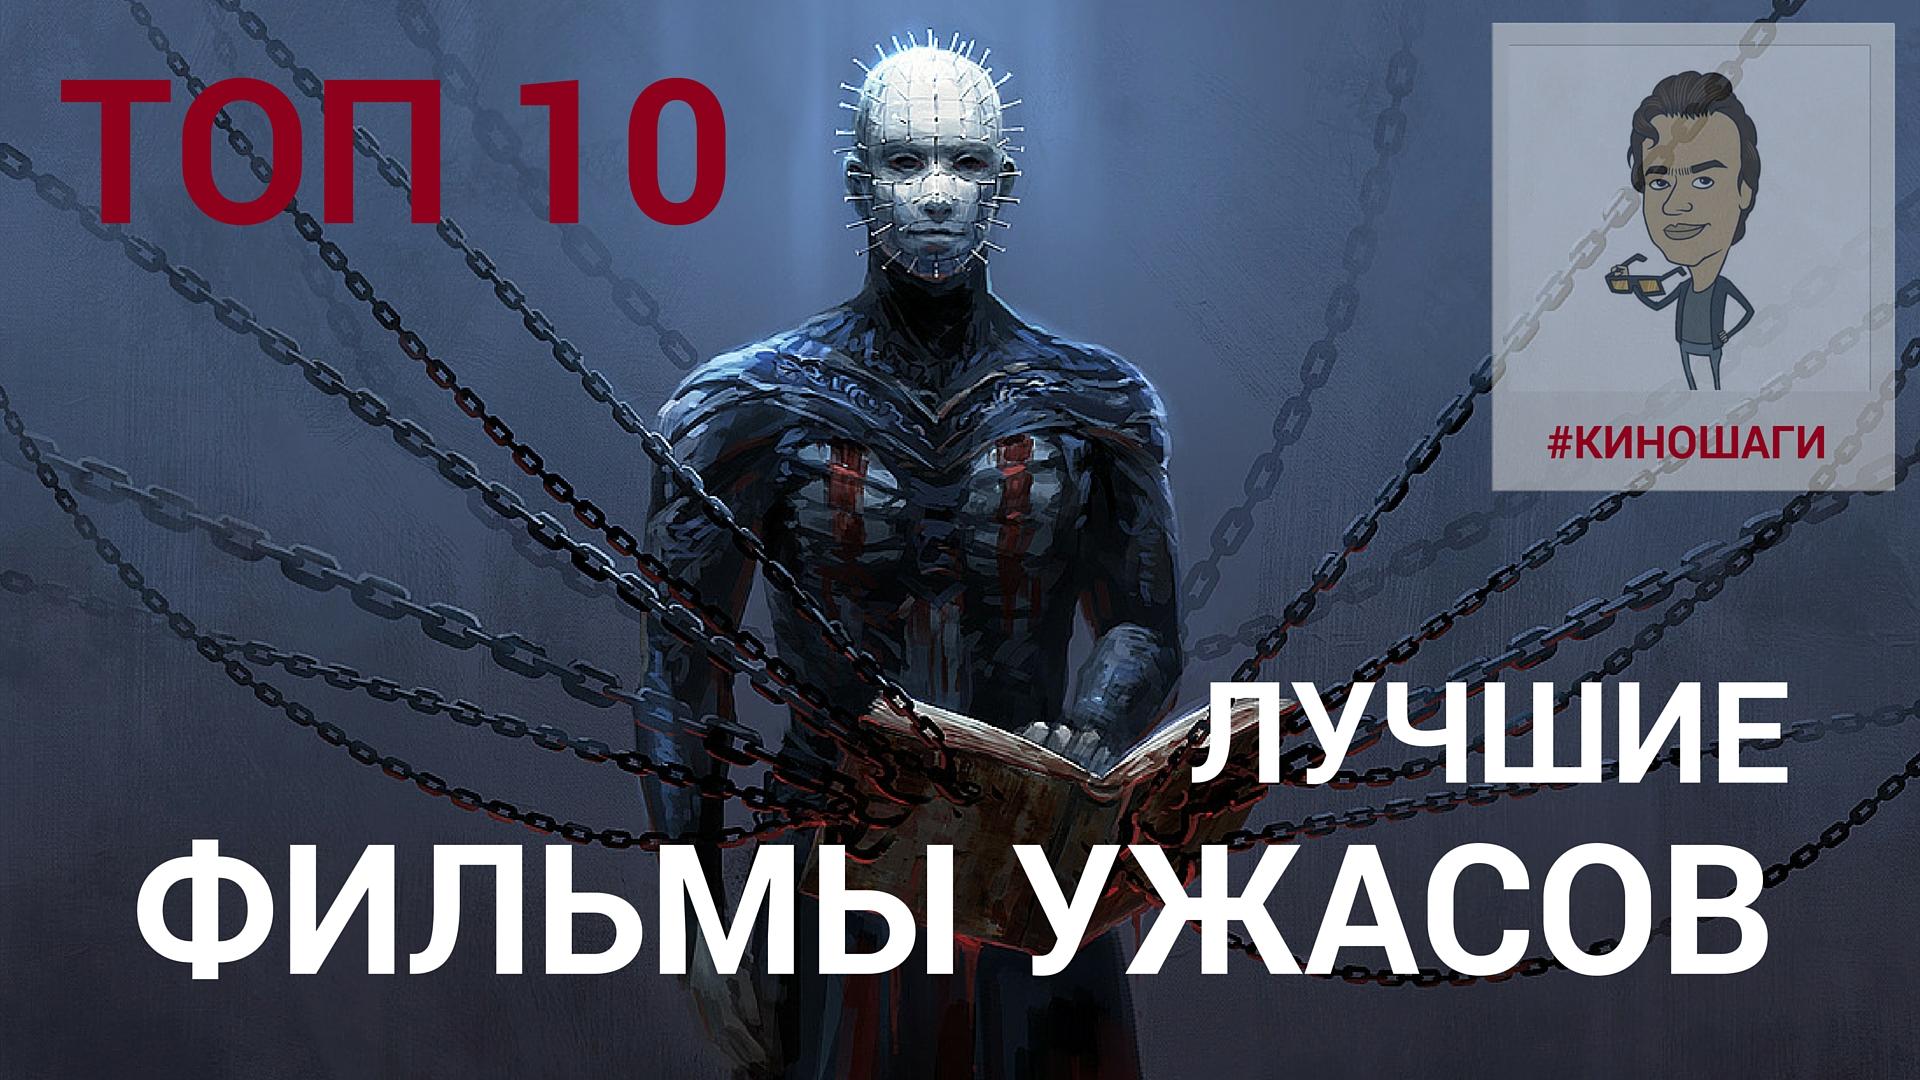 «Оно Фильм Ужасов 2015 Смотреть Онлайн» — 1994